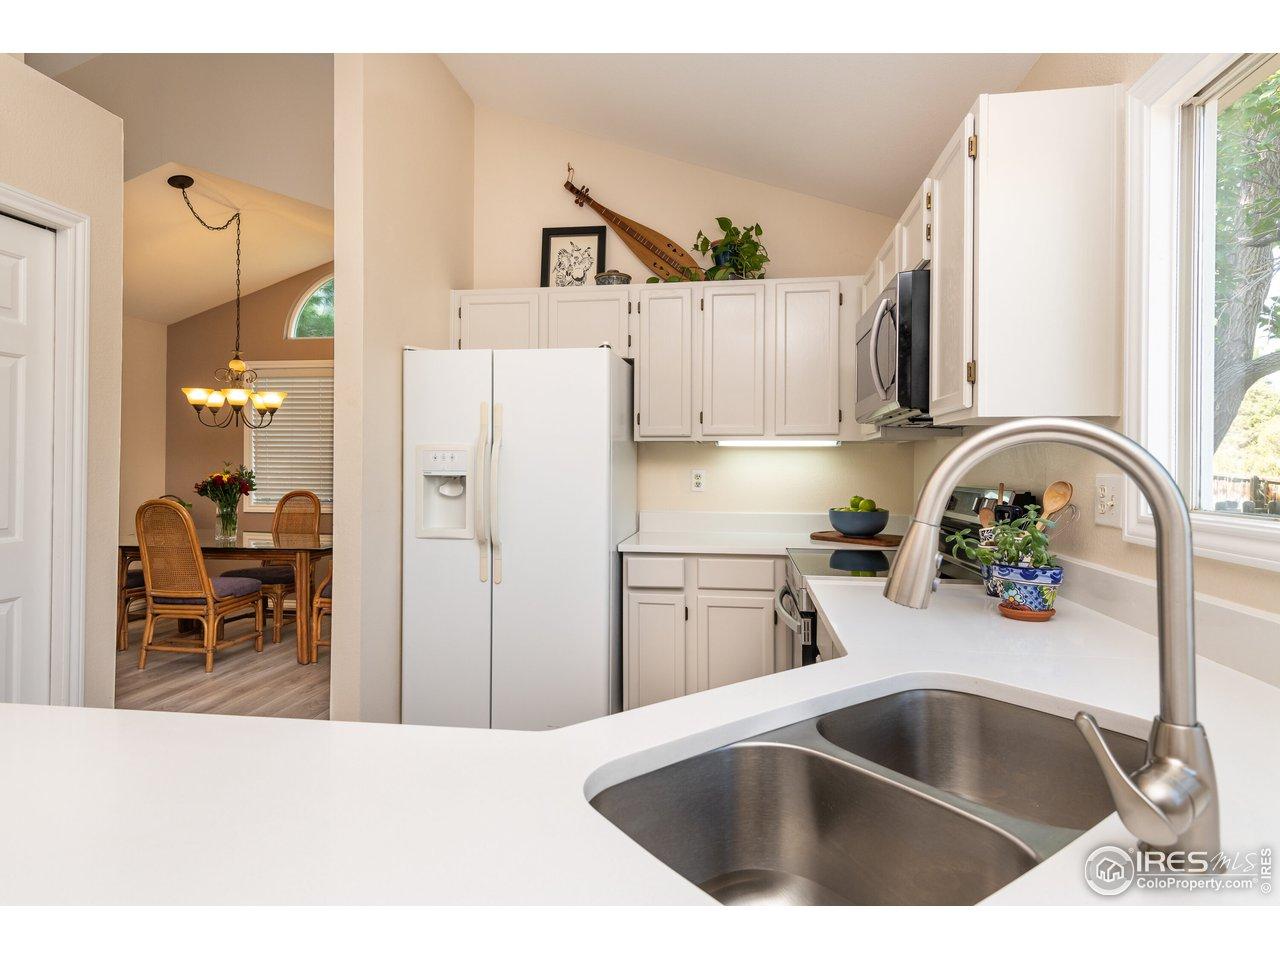 New quartz kitchen counter